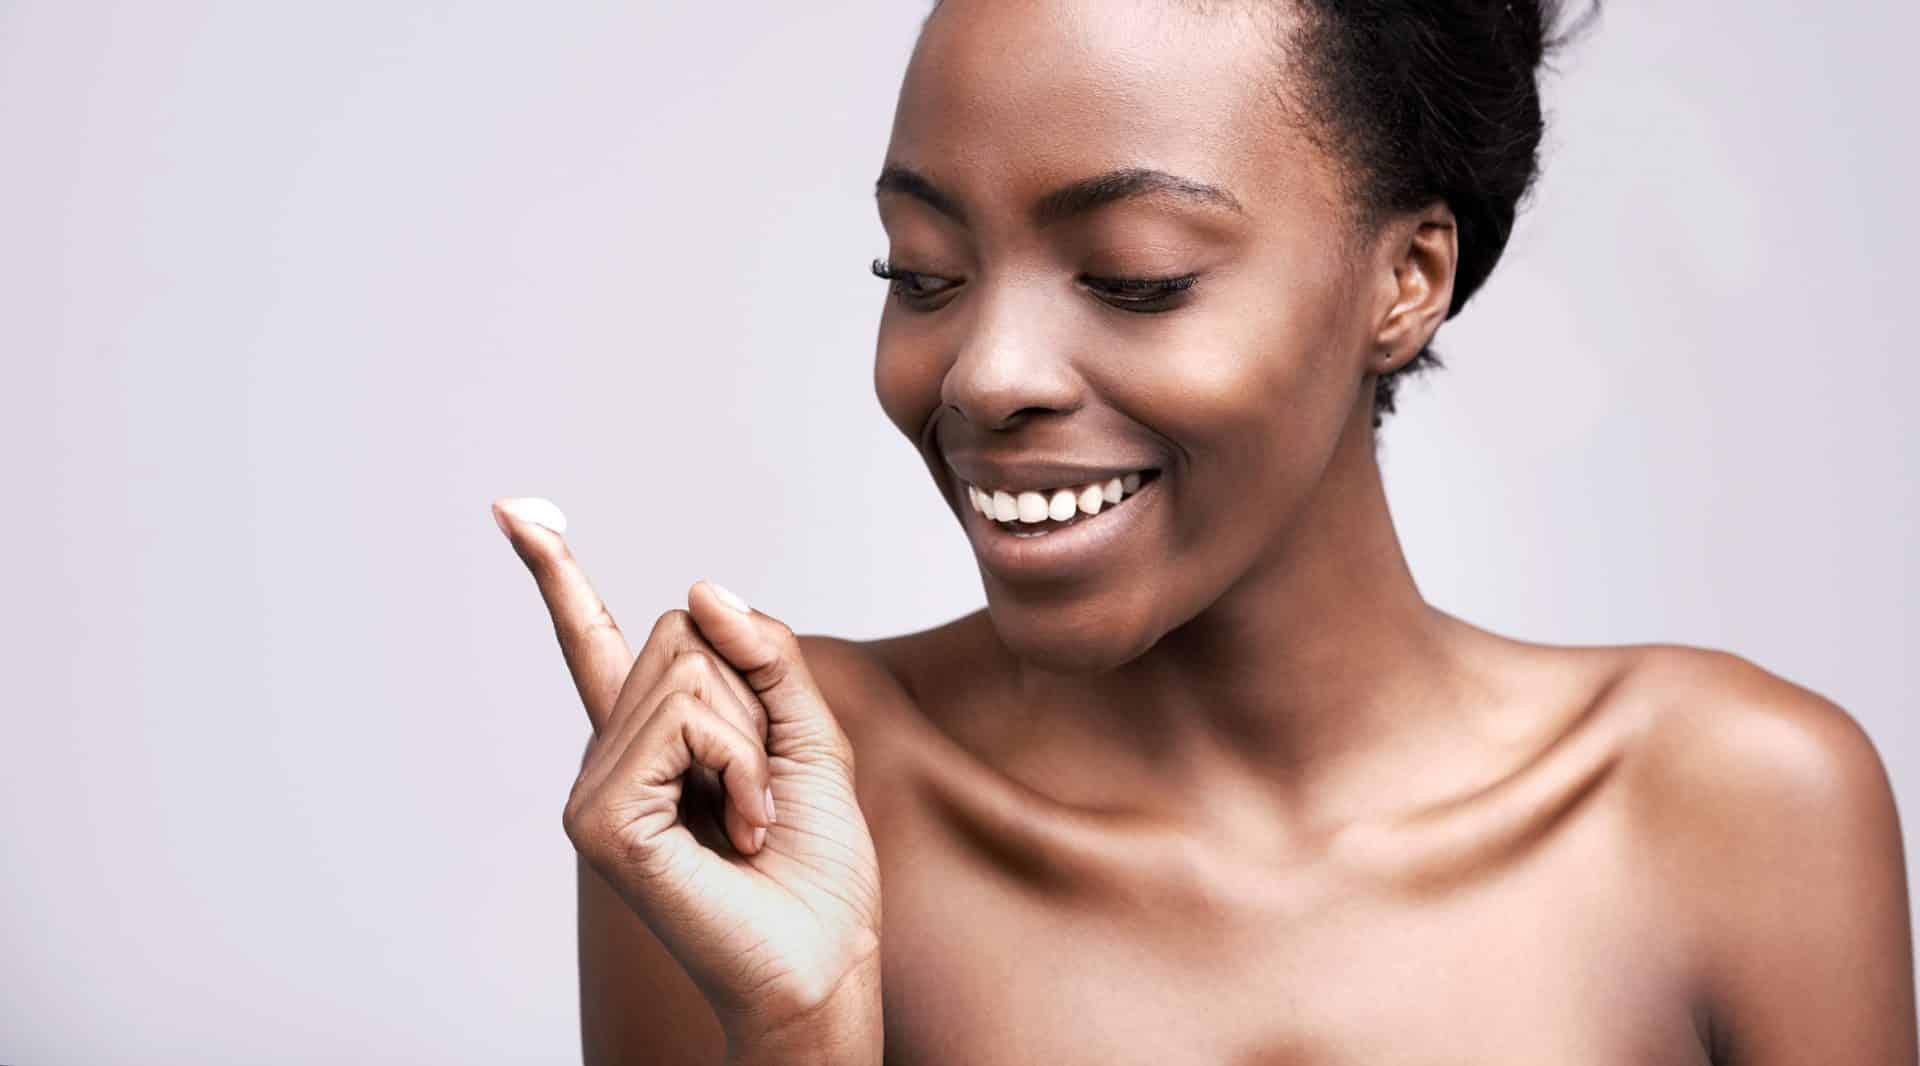 Rotina de cuidados com a pele - por que precisa e como manter